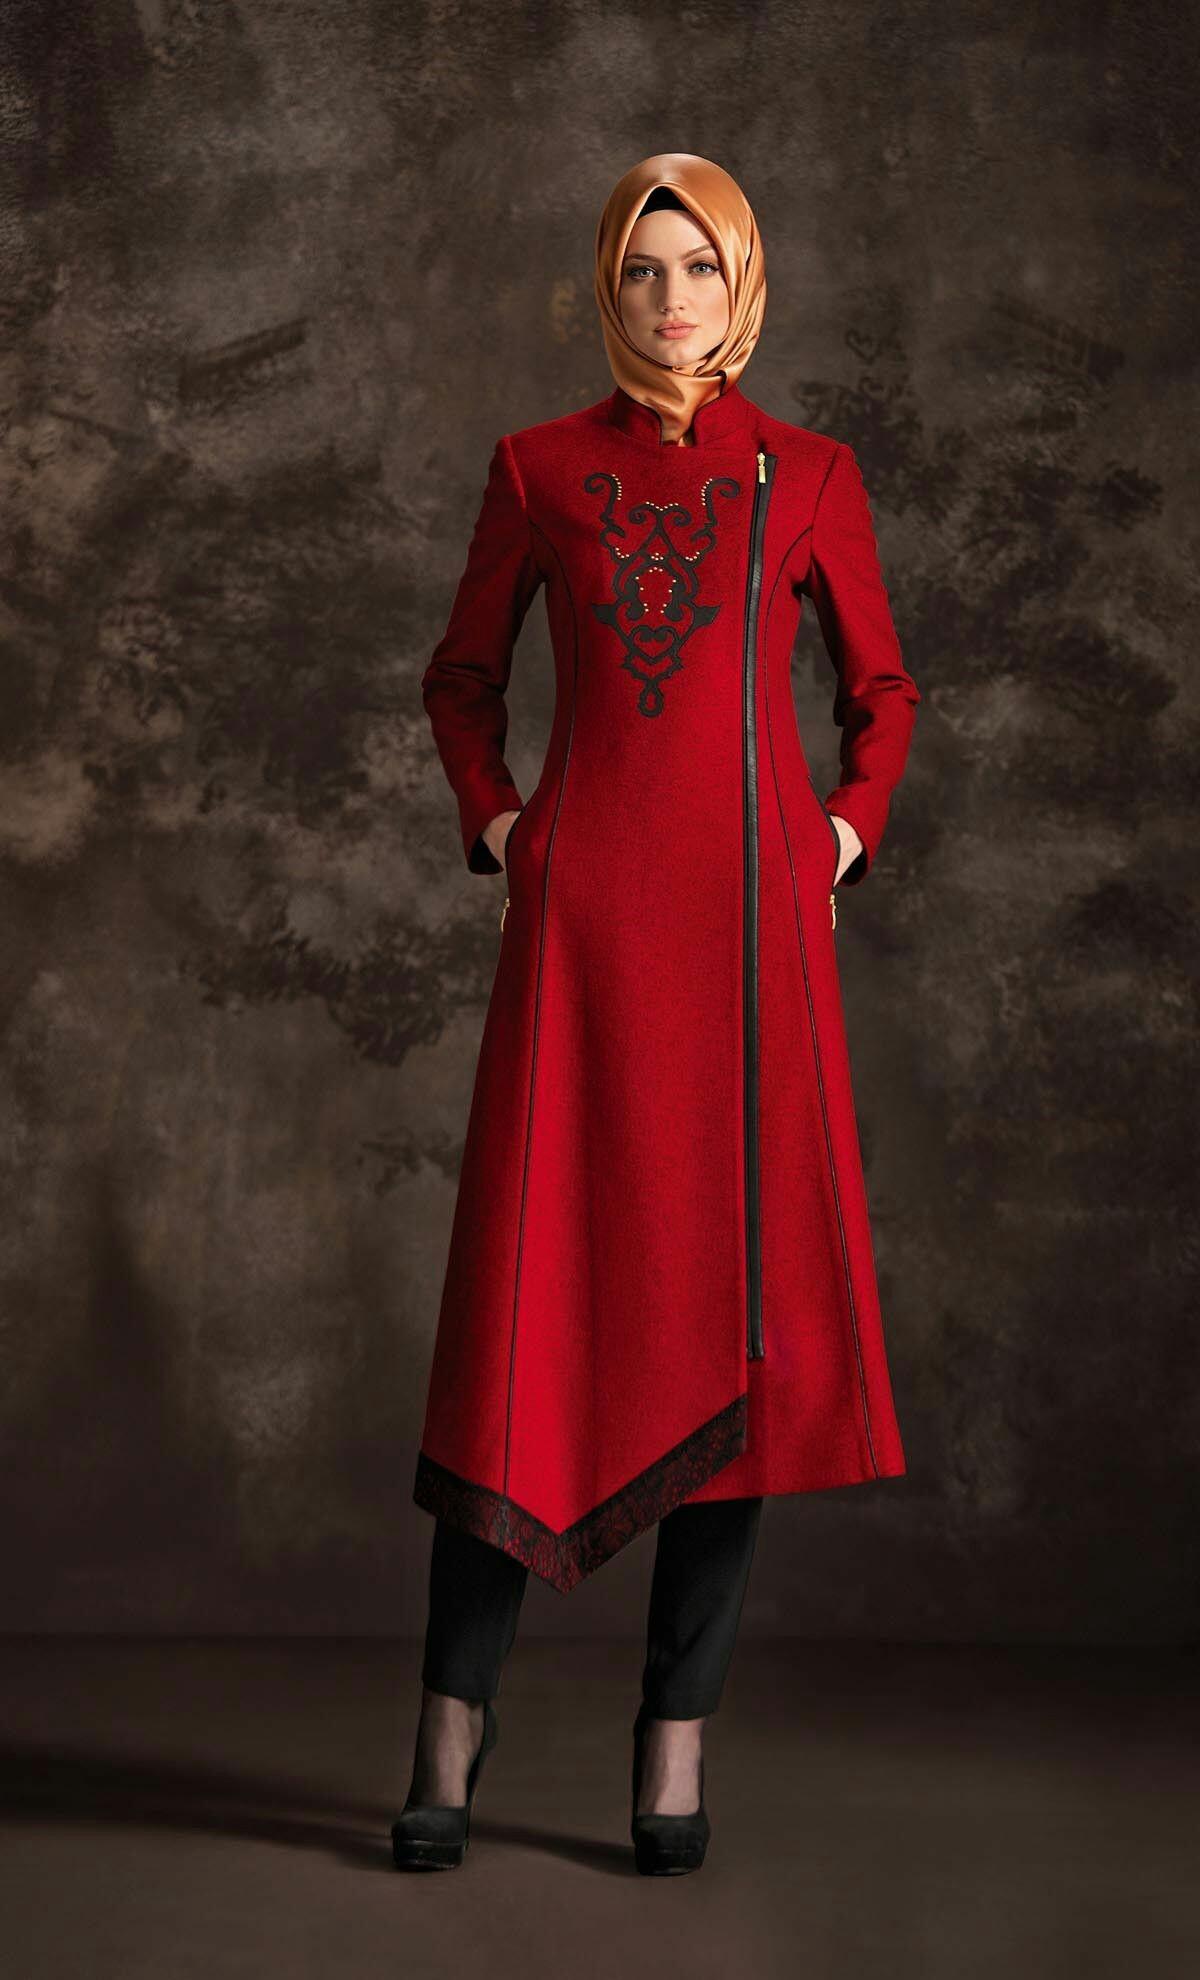 بالصور موديلات حجابات تركية , احدث موديلات حجاب تركيه 5641 4